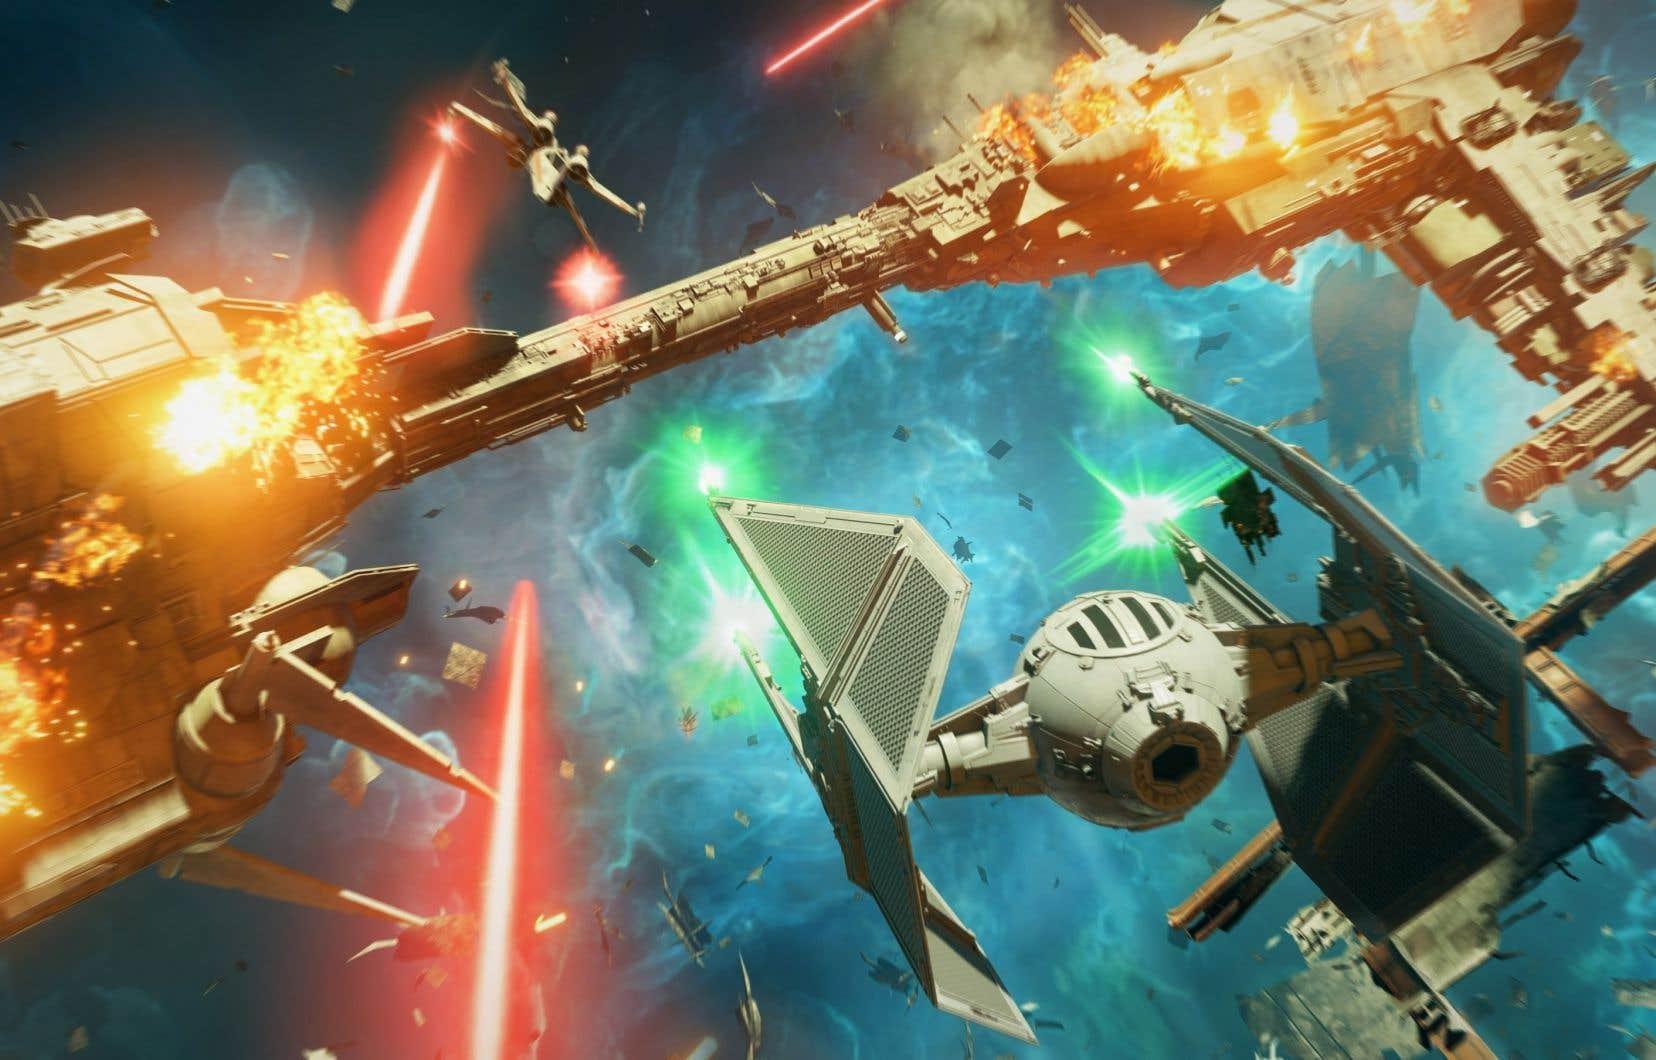 La campagne solo de «Star Wars: Squadrons», qui dure environ 10 heures, a des allures de long didacticiel qui prépare le joueur au multijoueur. Et c'est bien en ligne que le jeu brille de tous ses feux.